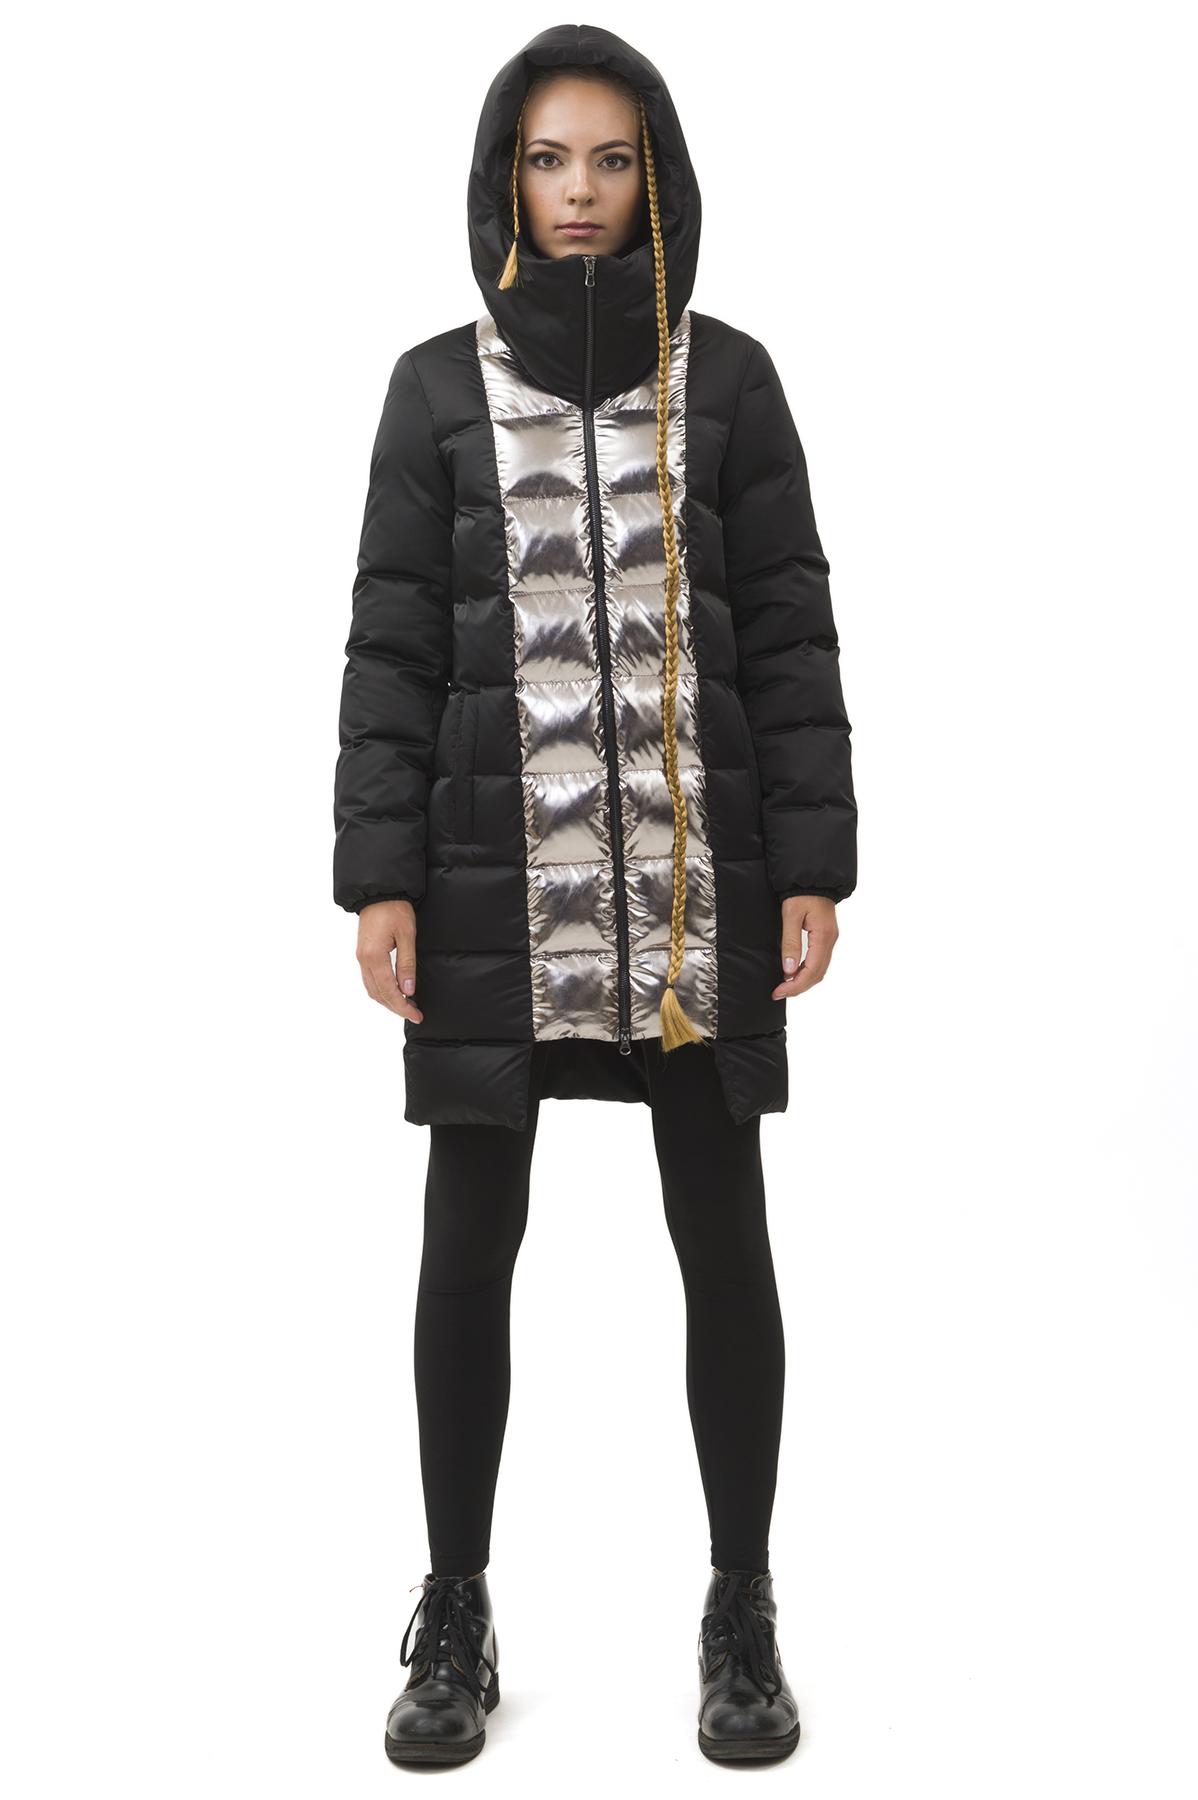 Пальто пуховоеЗимние куртки, пальто, пуховики<br>Пуховик Pavel Yerokin выполнен из материалов различной фактуры. Особенности: прямой крой, застежка на молнии,  капюшон с высокой стойкой, асимметричный низ.<br><br>Цвет: черный,серебристый<br>Состав: Полиэстер - 100% утеплитель: Гусиный пух - 90%, Перо - 10%<br>Размер: 40,42,44,46,48,50,52<br>Страна дизайна: Россия<br>Страна производства: Россия